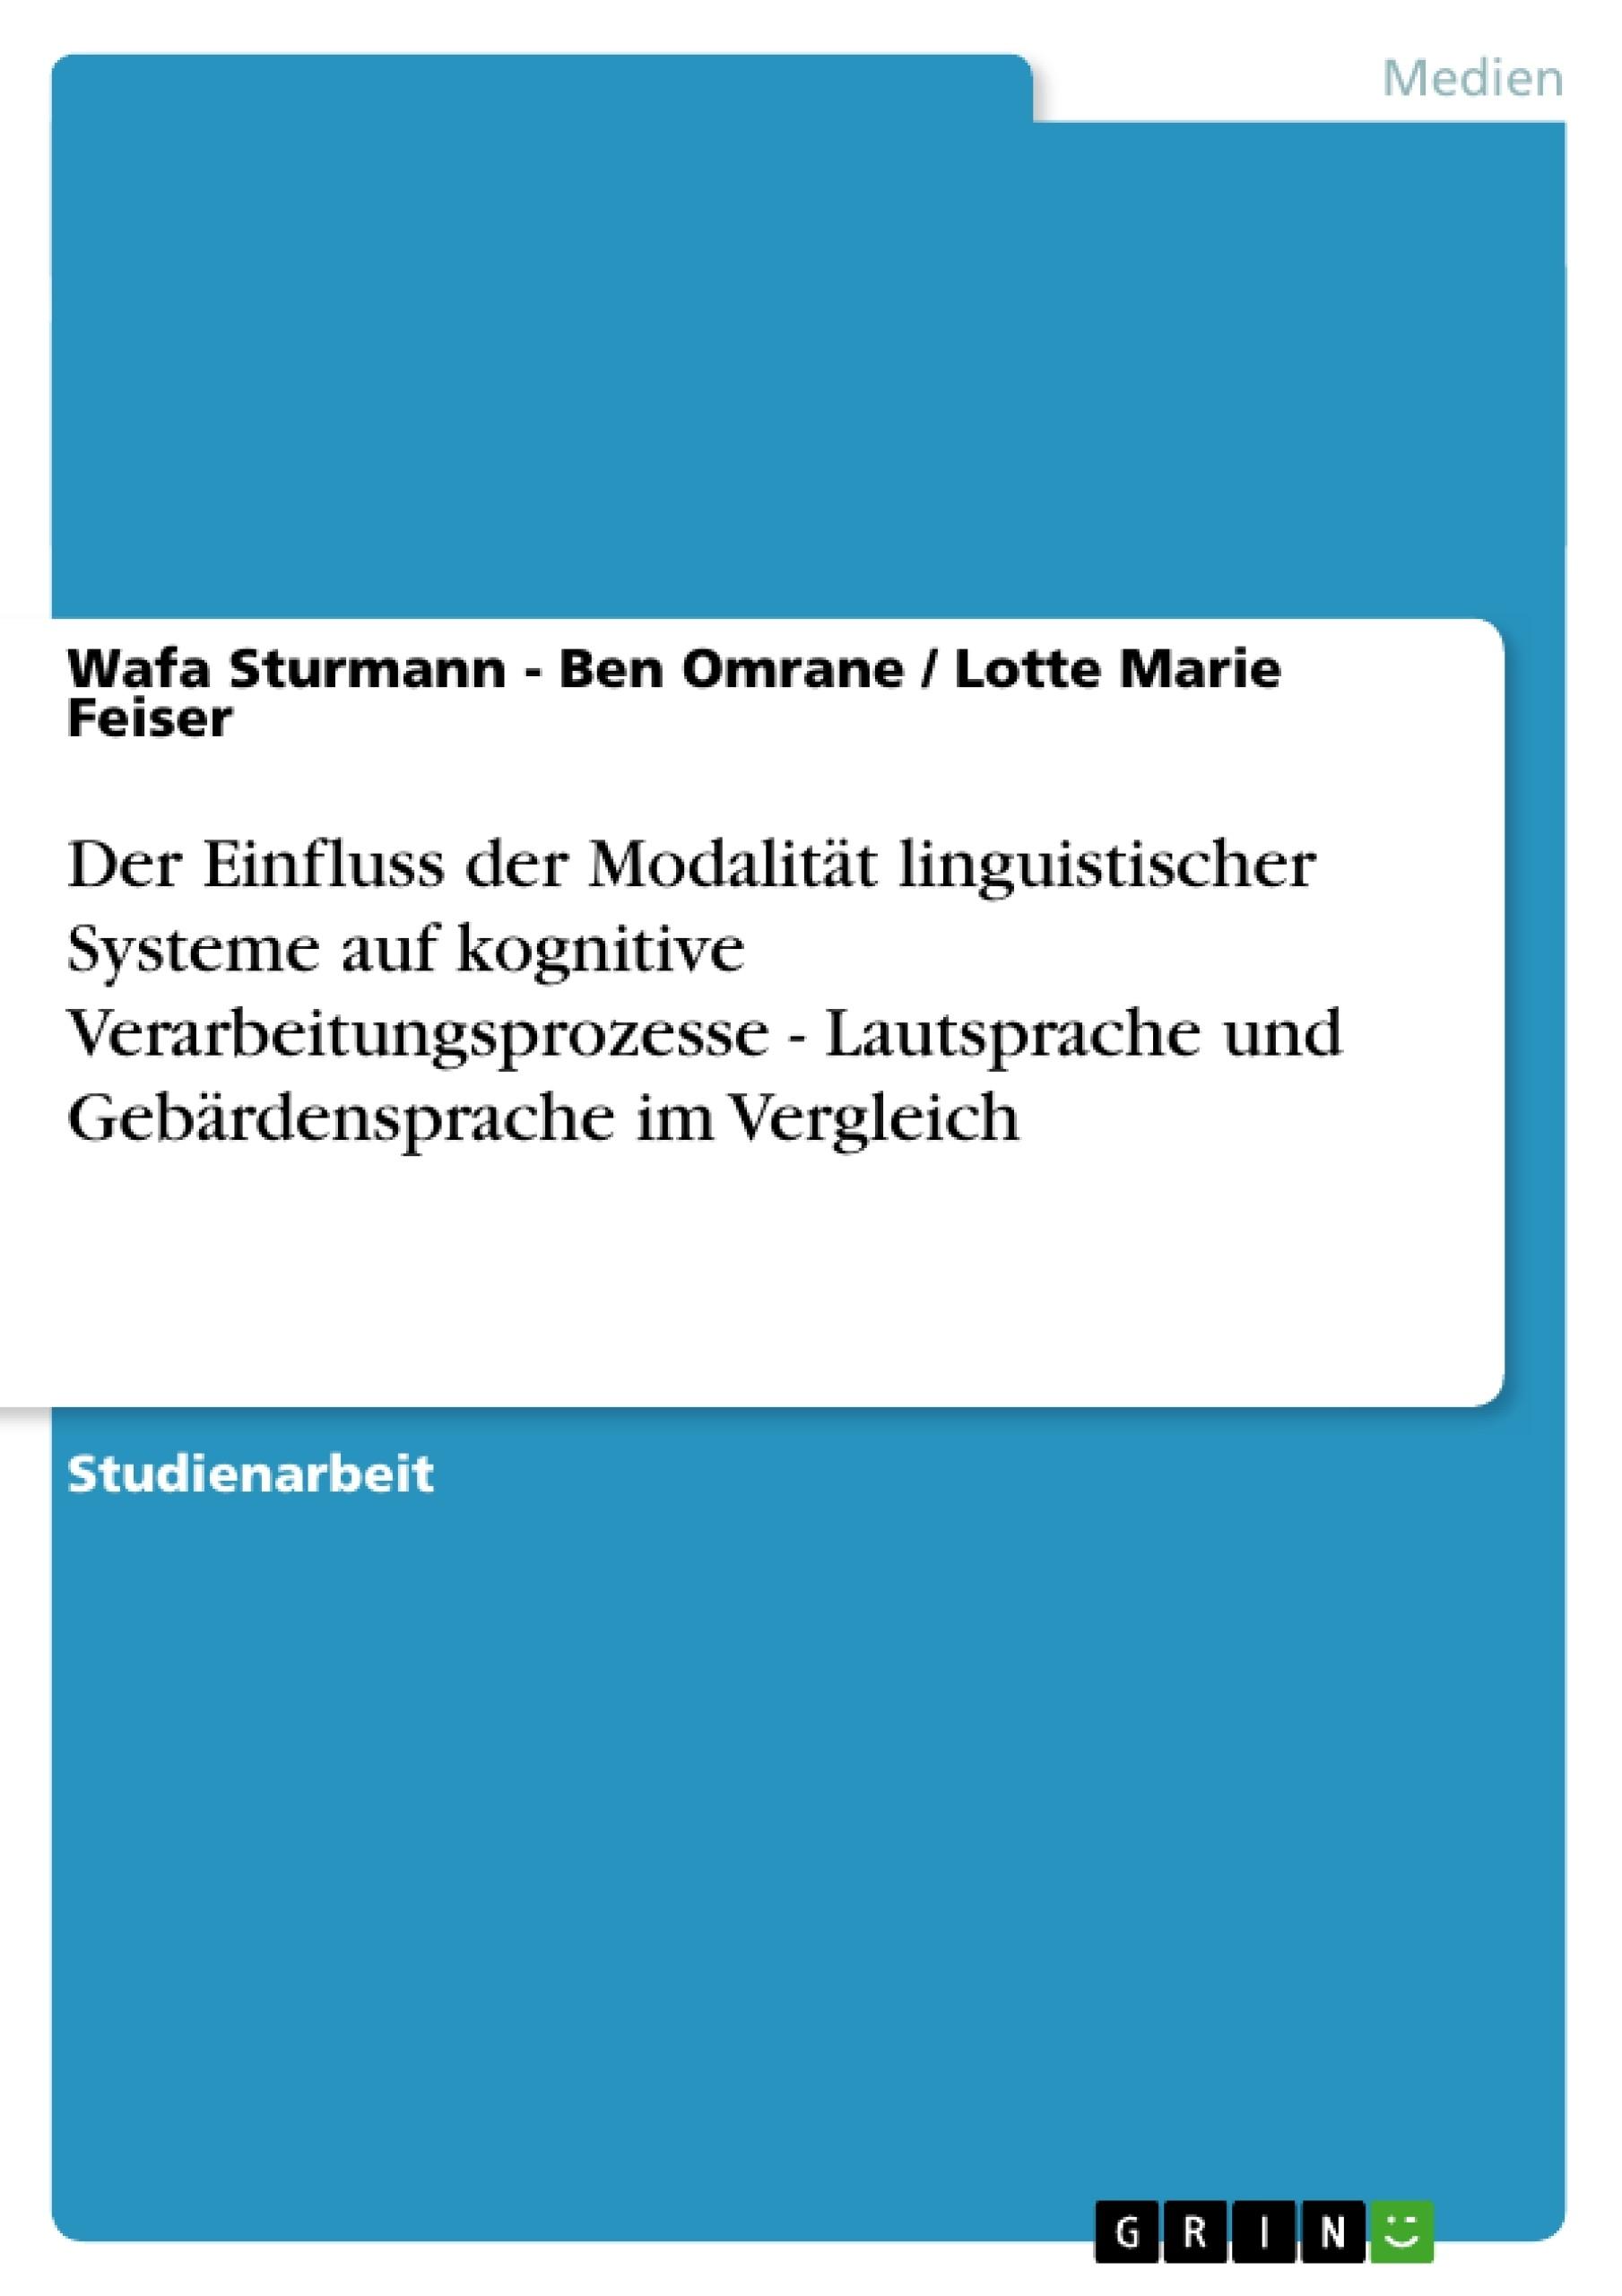 Titel: Der Einfluss der Modalität linguistischer Systeme auf kognitive  Verarbeitungsprozesse  - Lautsprache und Gebärdensprache im Vergleich